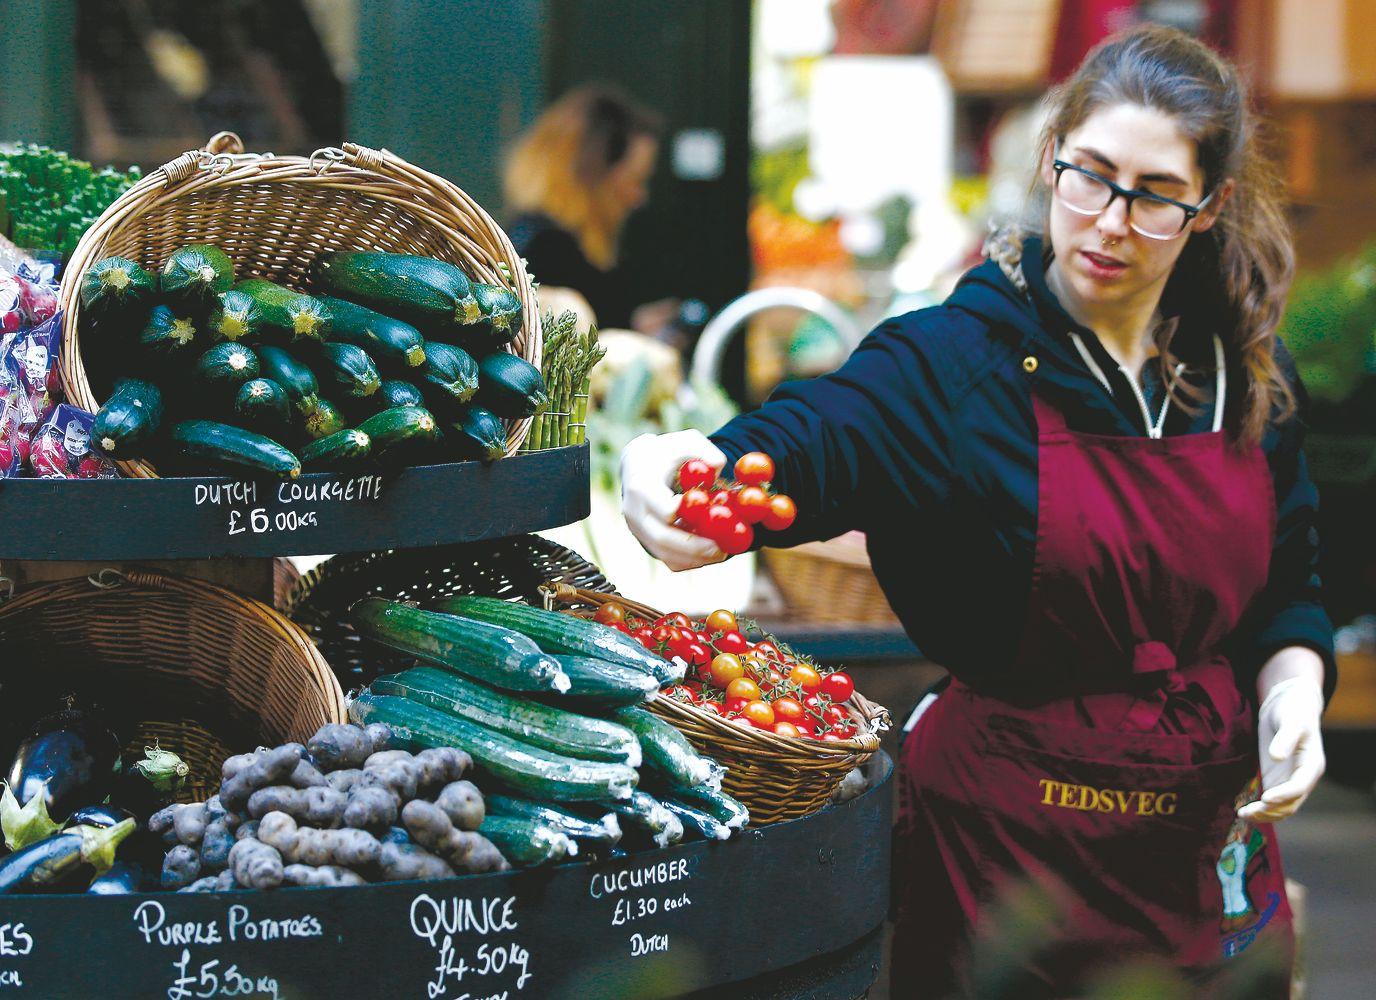 Daržovių krizė baigėsi, bet kainas prognozuoti sunku